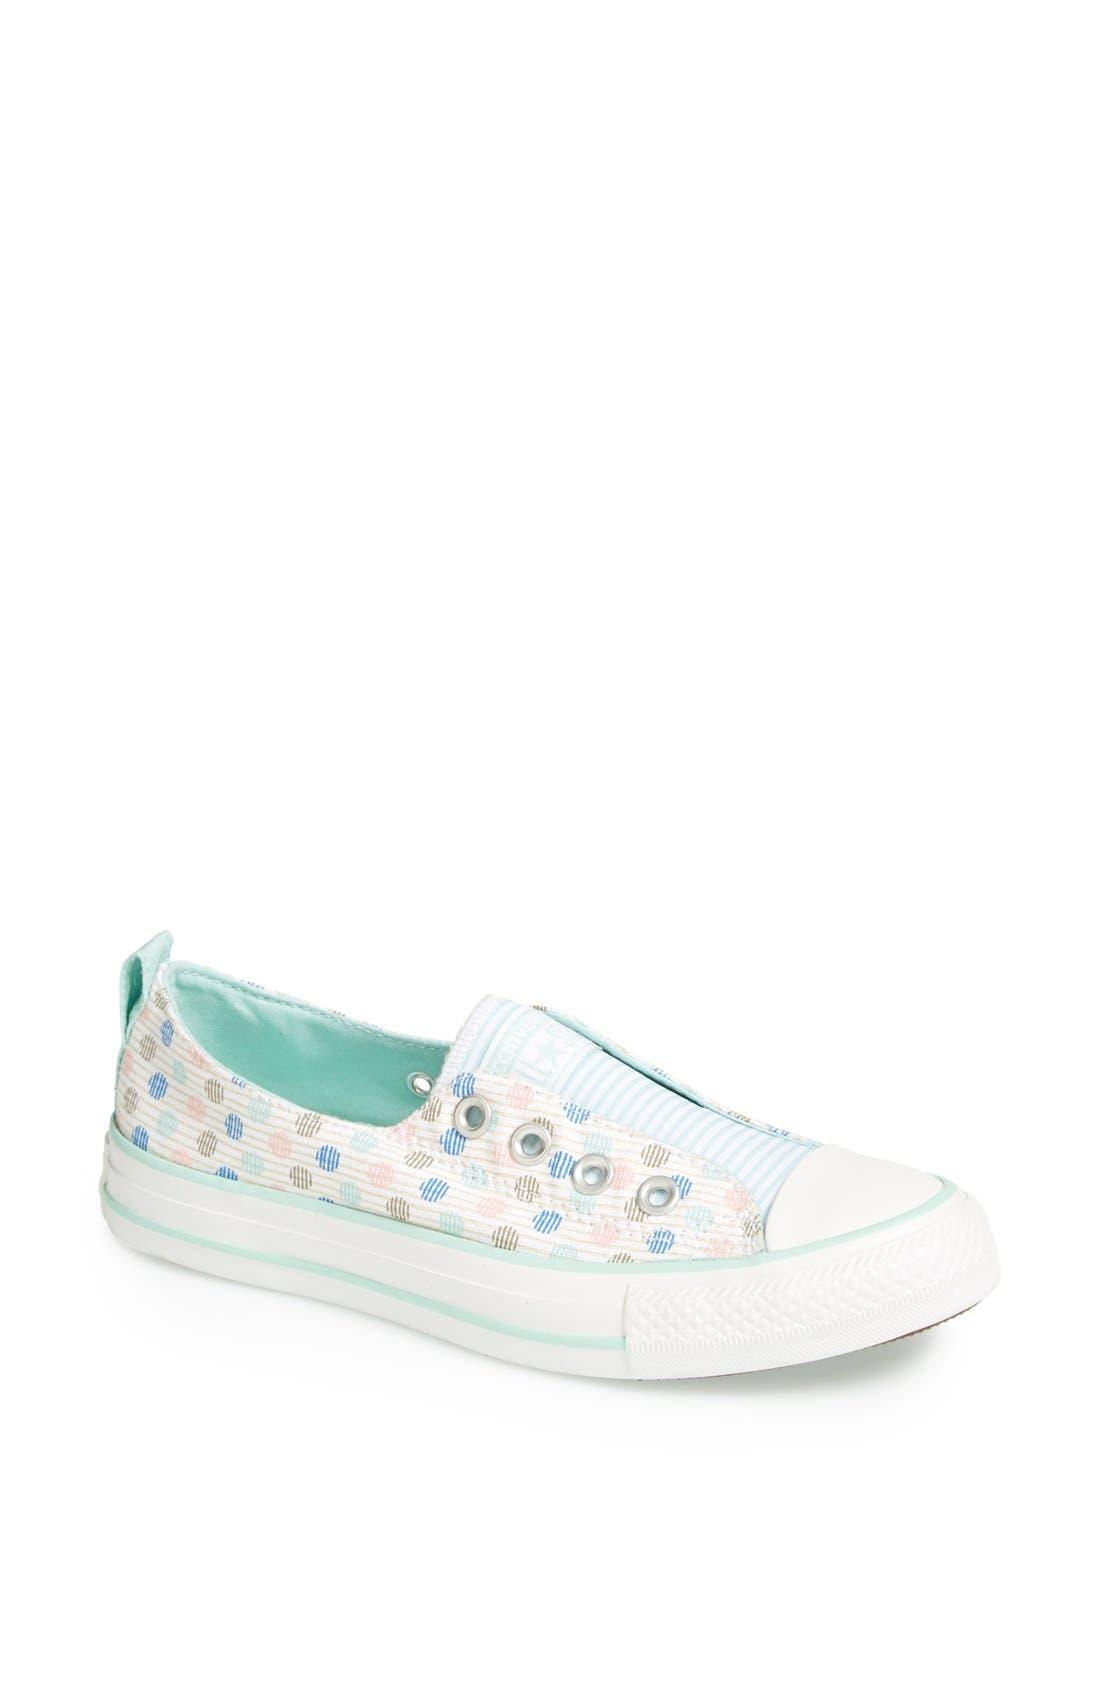 Main Image - Converse Chuck Taylor® All Star® Polka Dot Sneaker